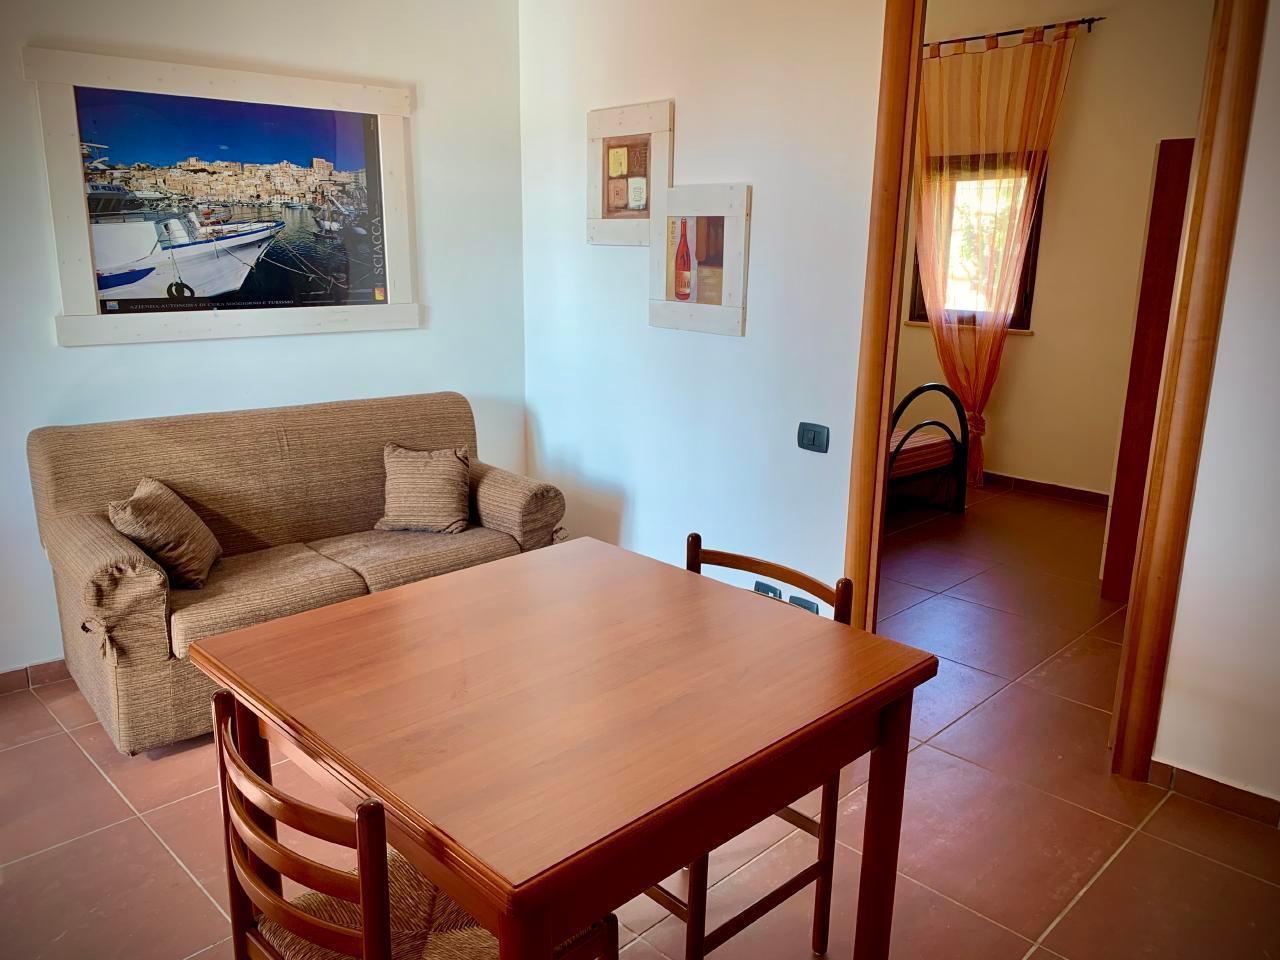 Ferienwohnung Ferienwohnungen (404150), Sciacca, Agrigento, Sizilien, Italien, Bild 26